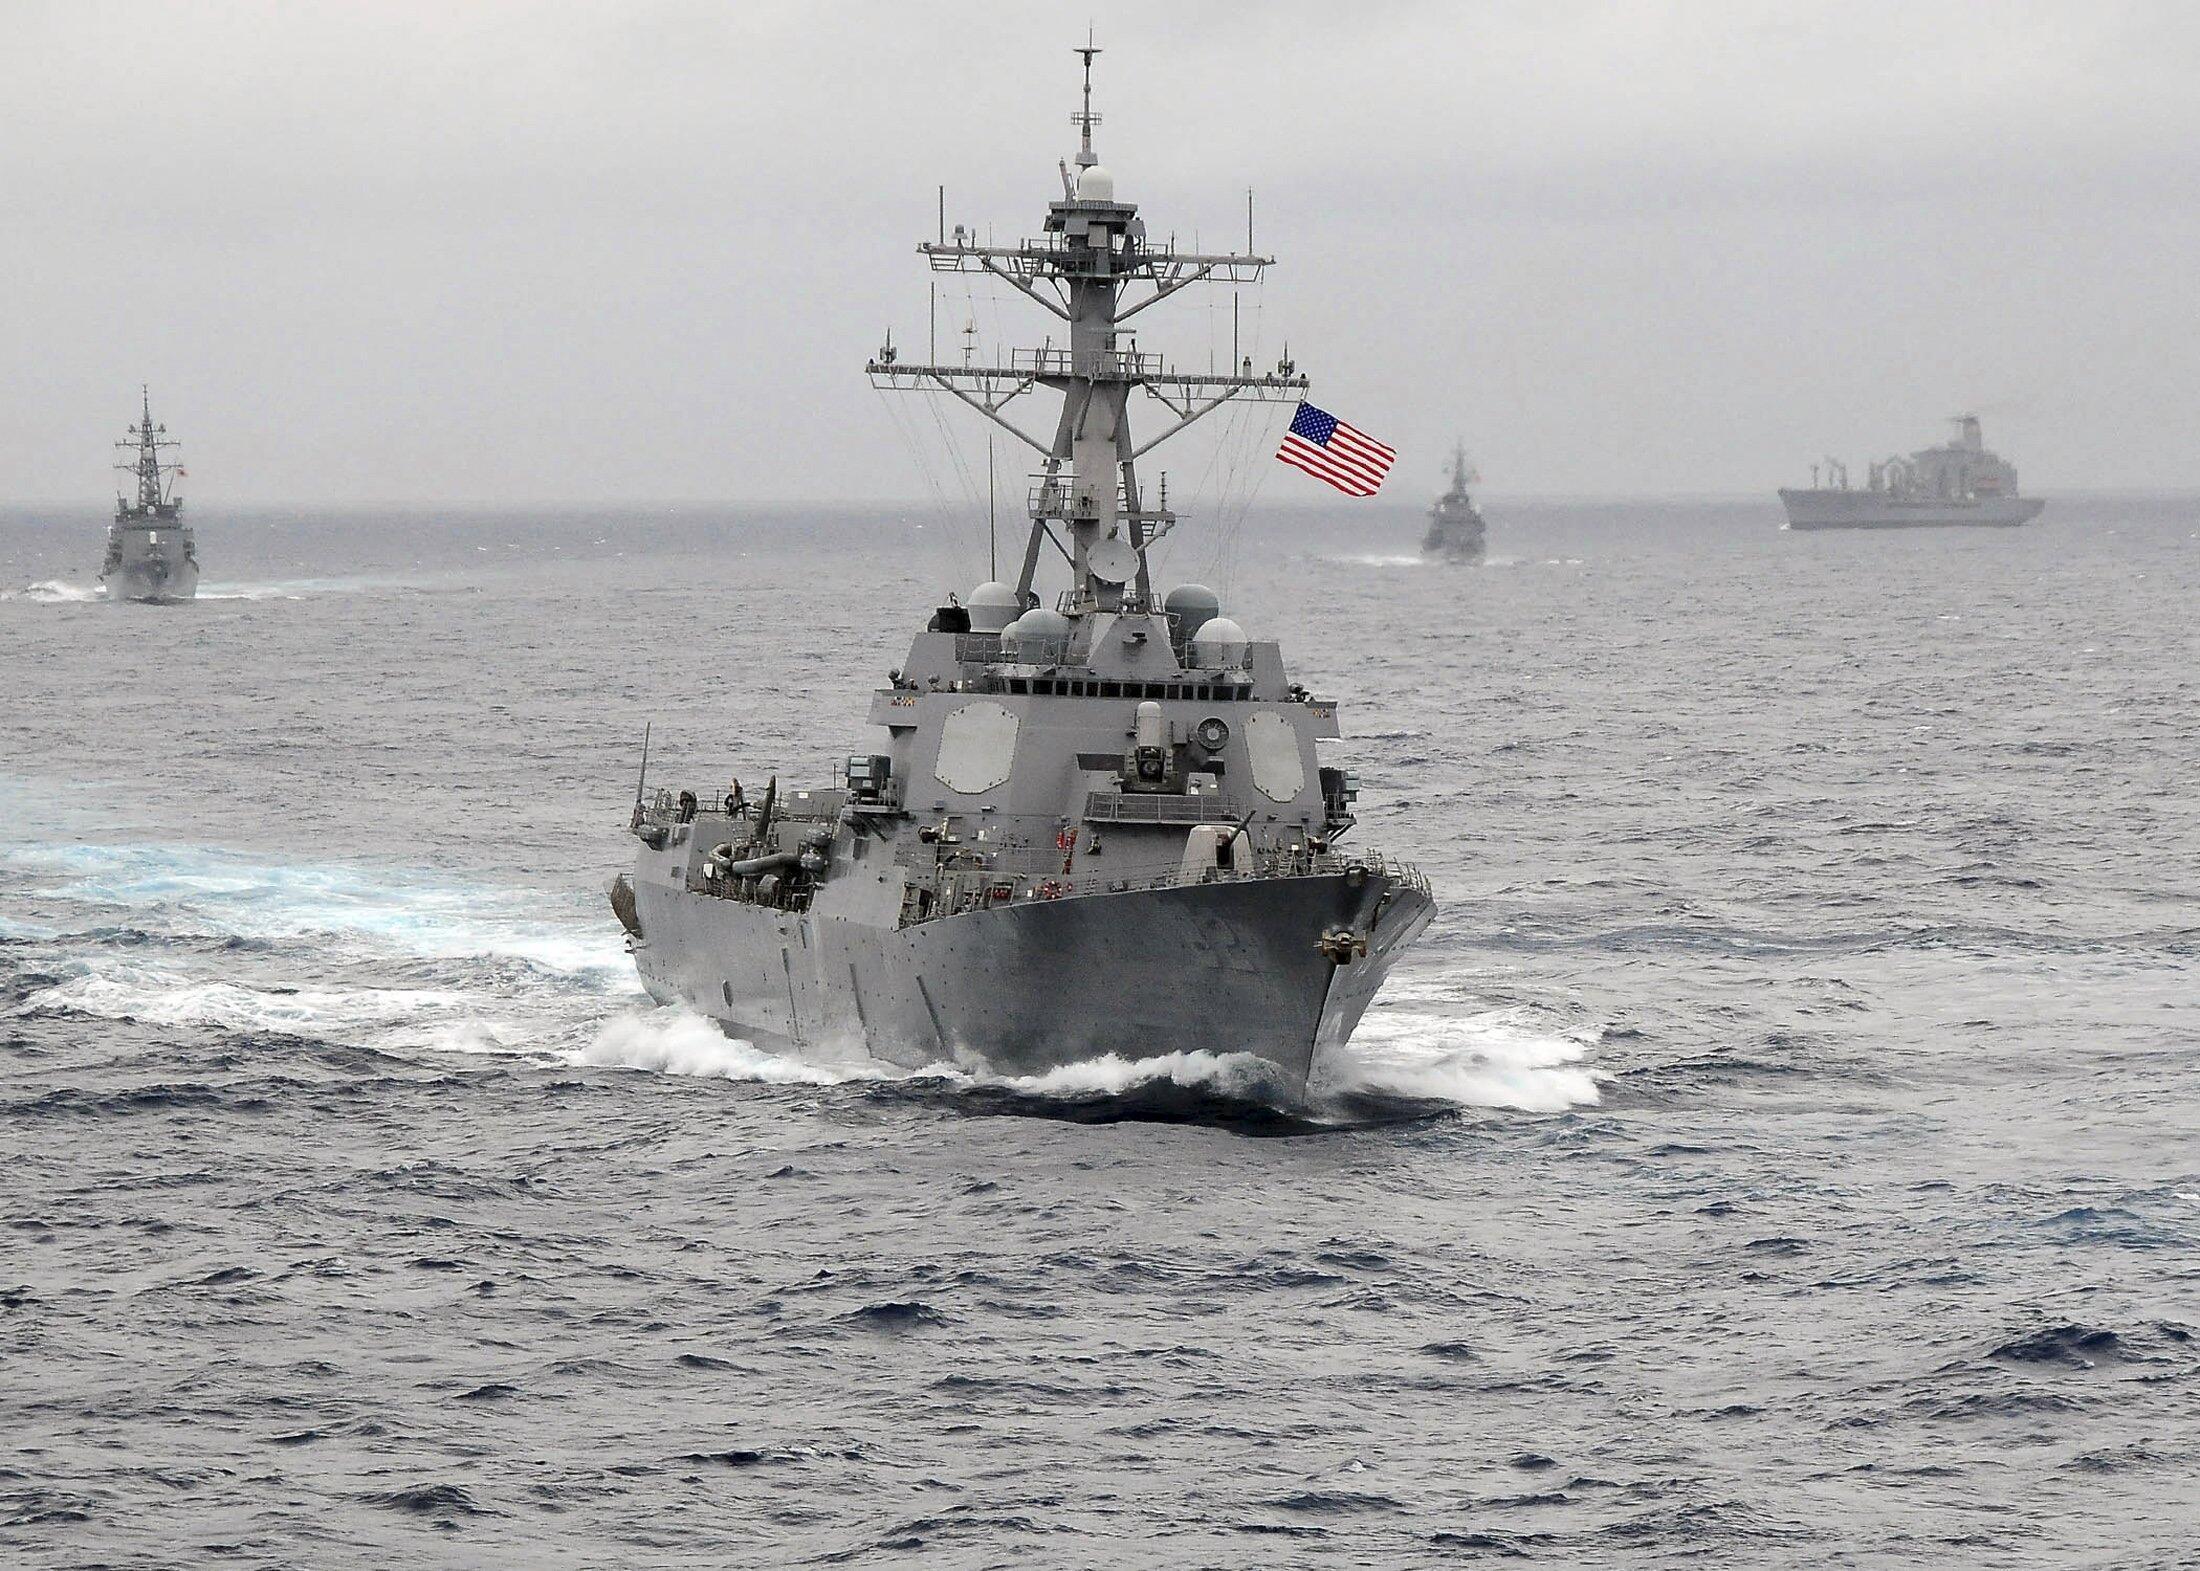 Tuần dương hạm USS Lassen của hải quân Mỹ  vừa thực hiện chuyến tuần tra ở Biển Đông. Ảnh chụp hồi tháng 11/2009.